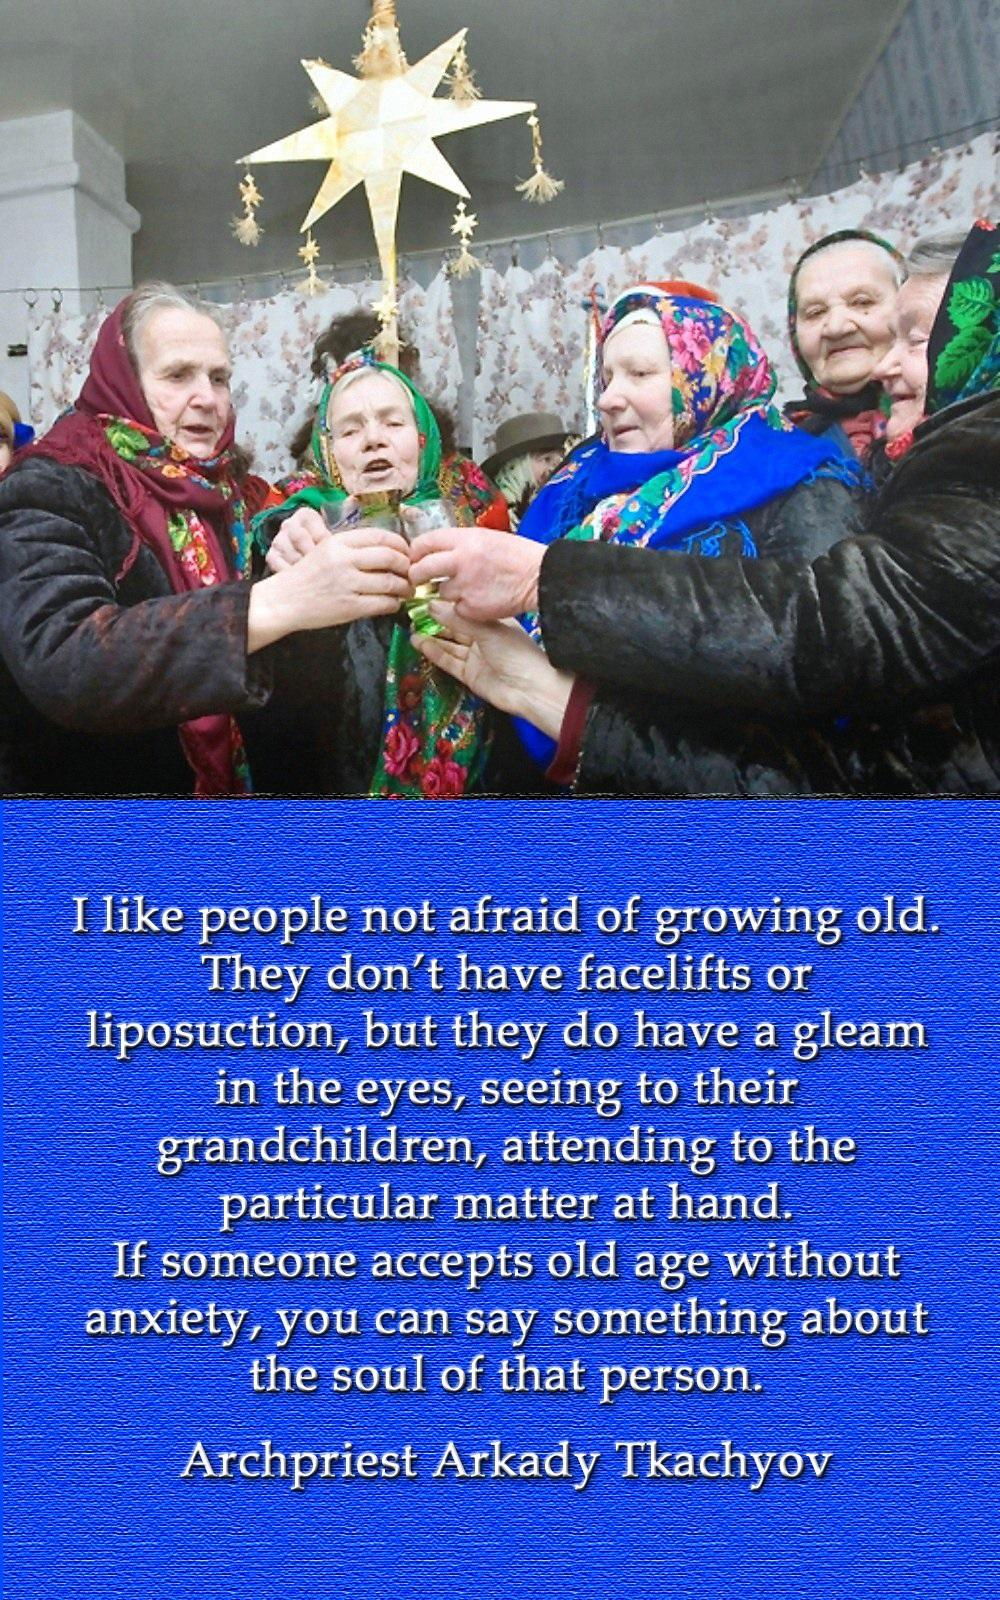 00 arkady tkachyov old new year belarus 021015